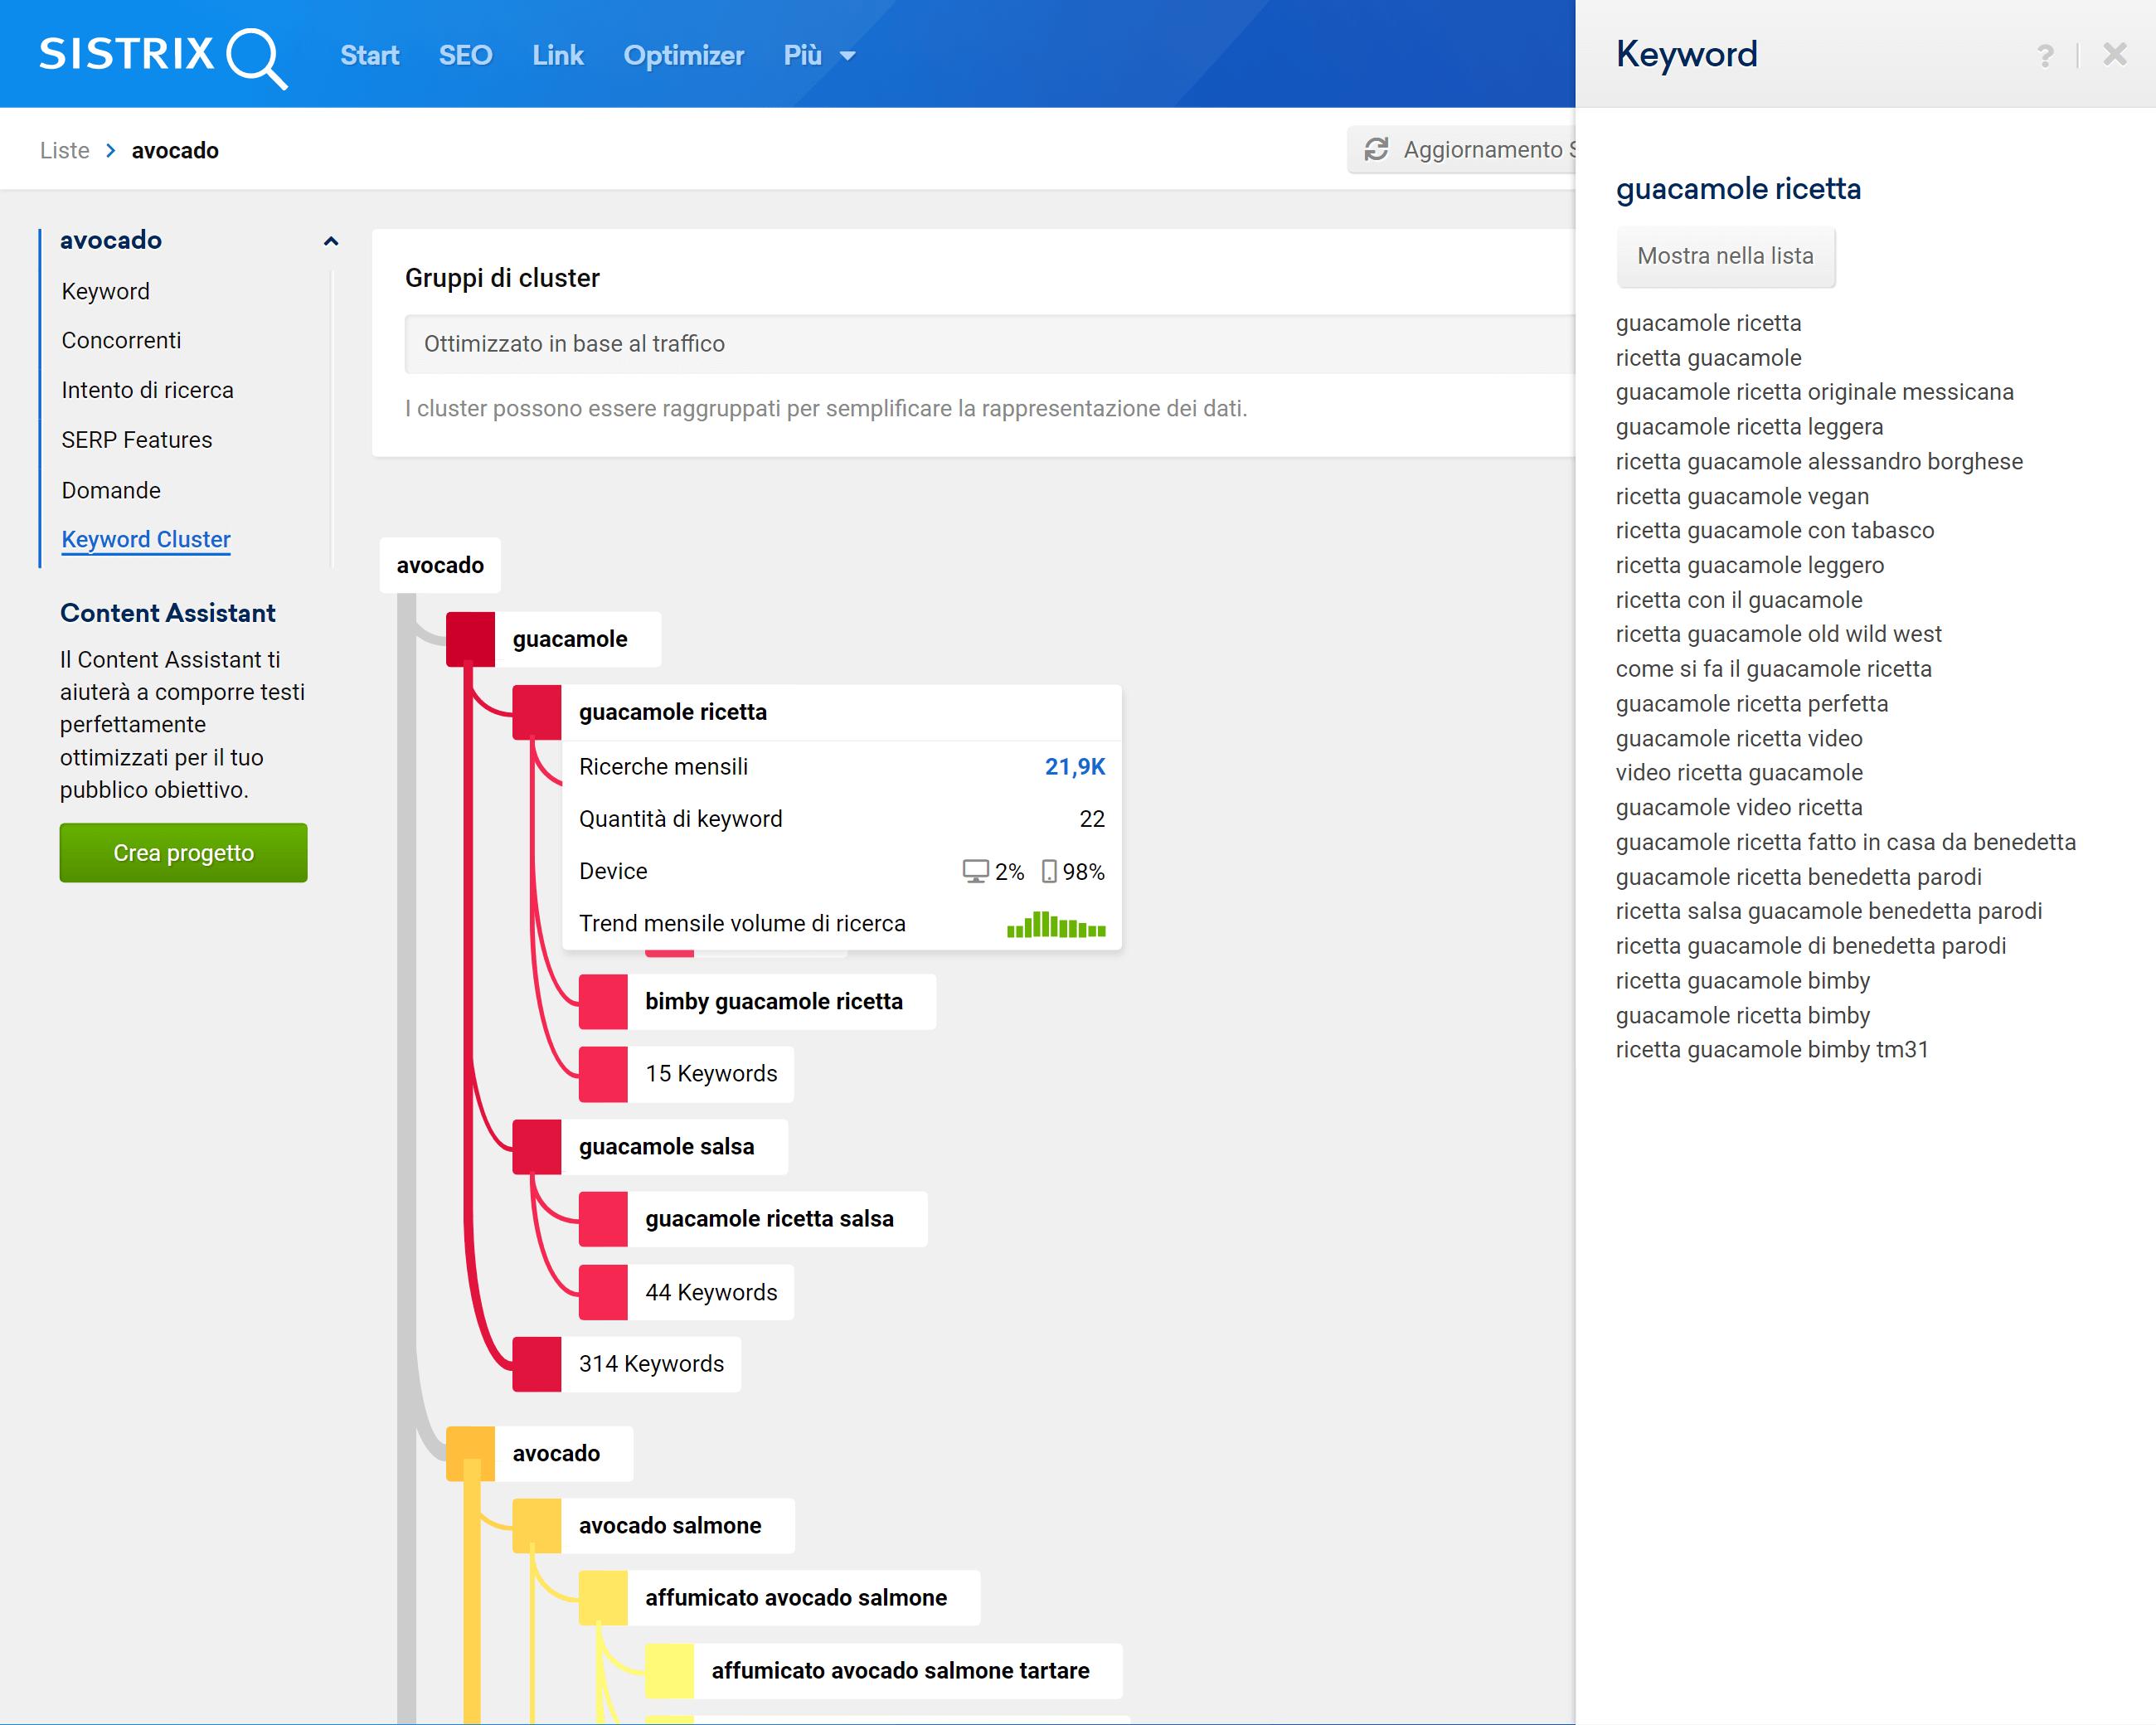 Esempio di cluster di una lista su SISTRIX